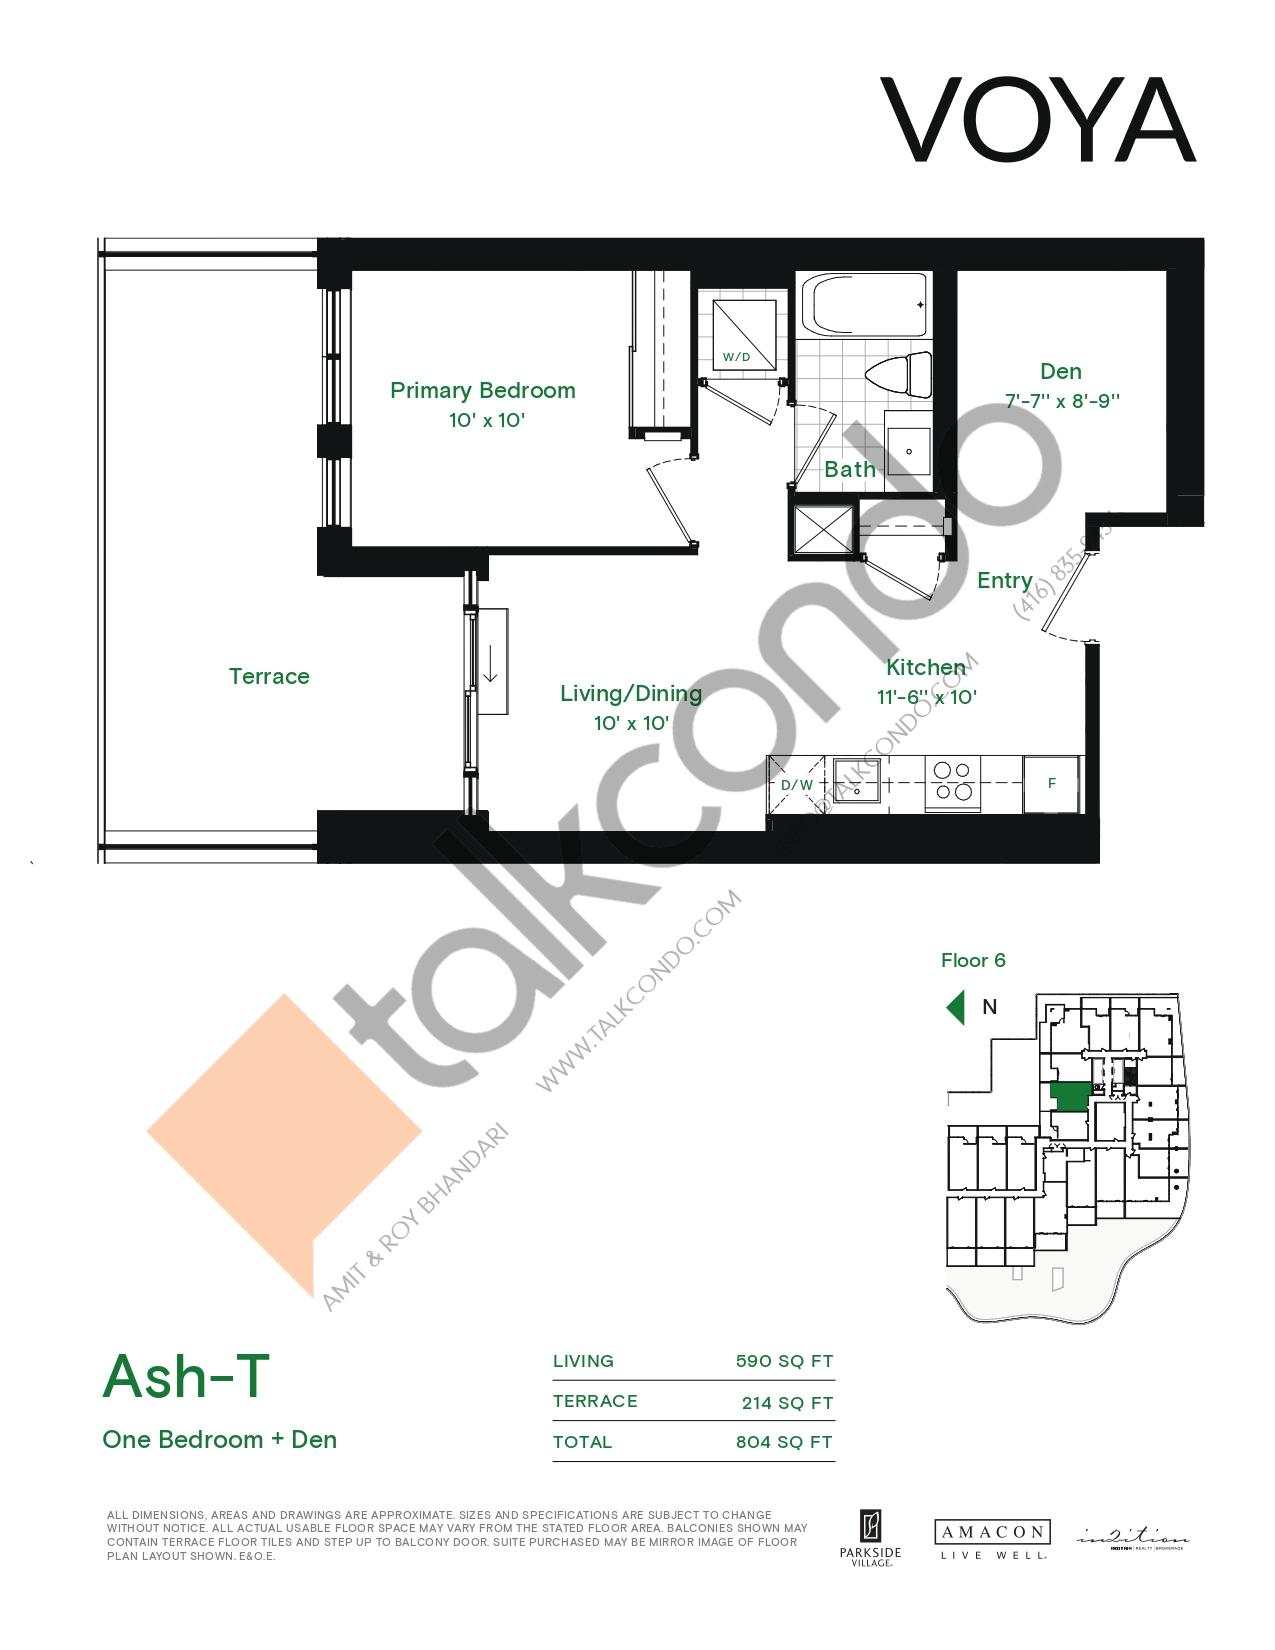 Ash-T (Podium) Floor Plan at Voya at Parkside Village Condos - 590 sq.ft